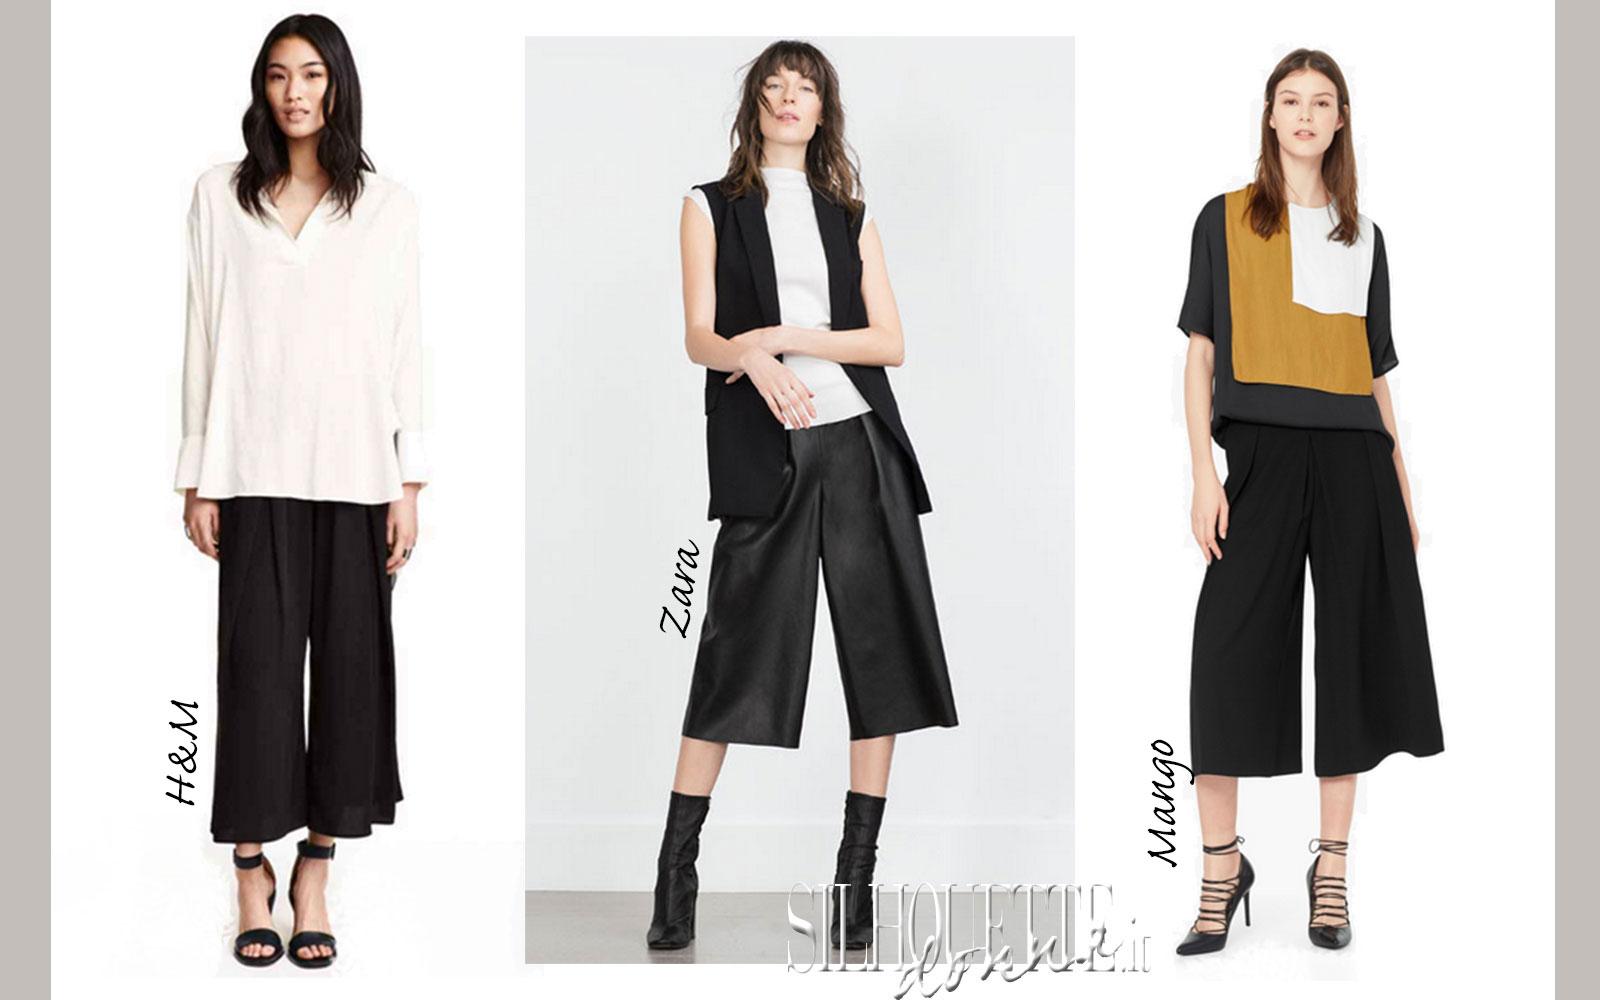 97301255bc8c23 Pantaloni-culotte autunno inverno 2015: consigli di stile | Silhouette Donna